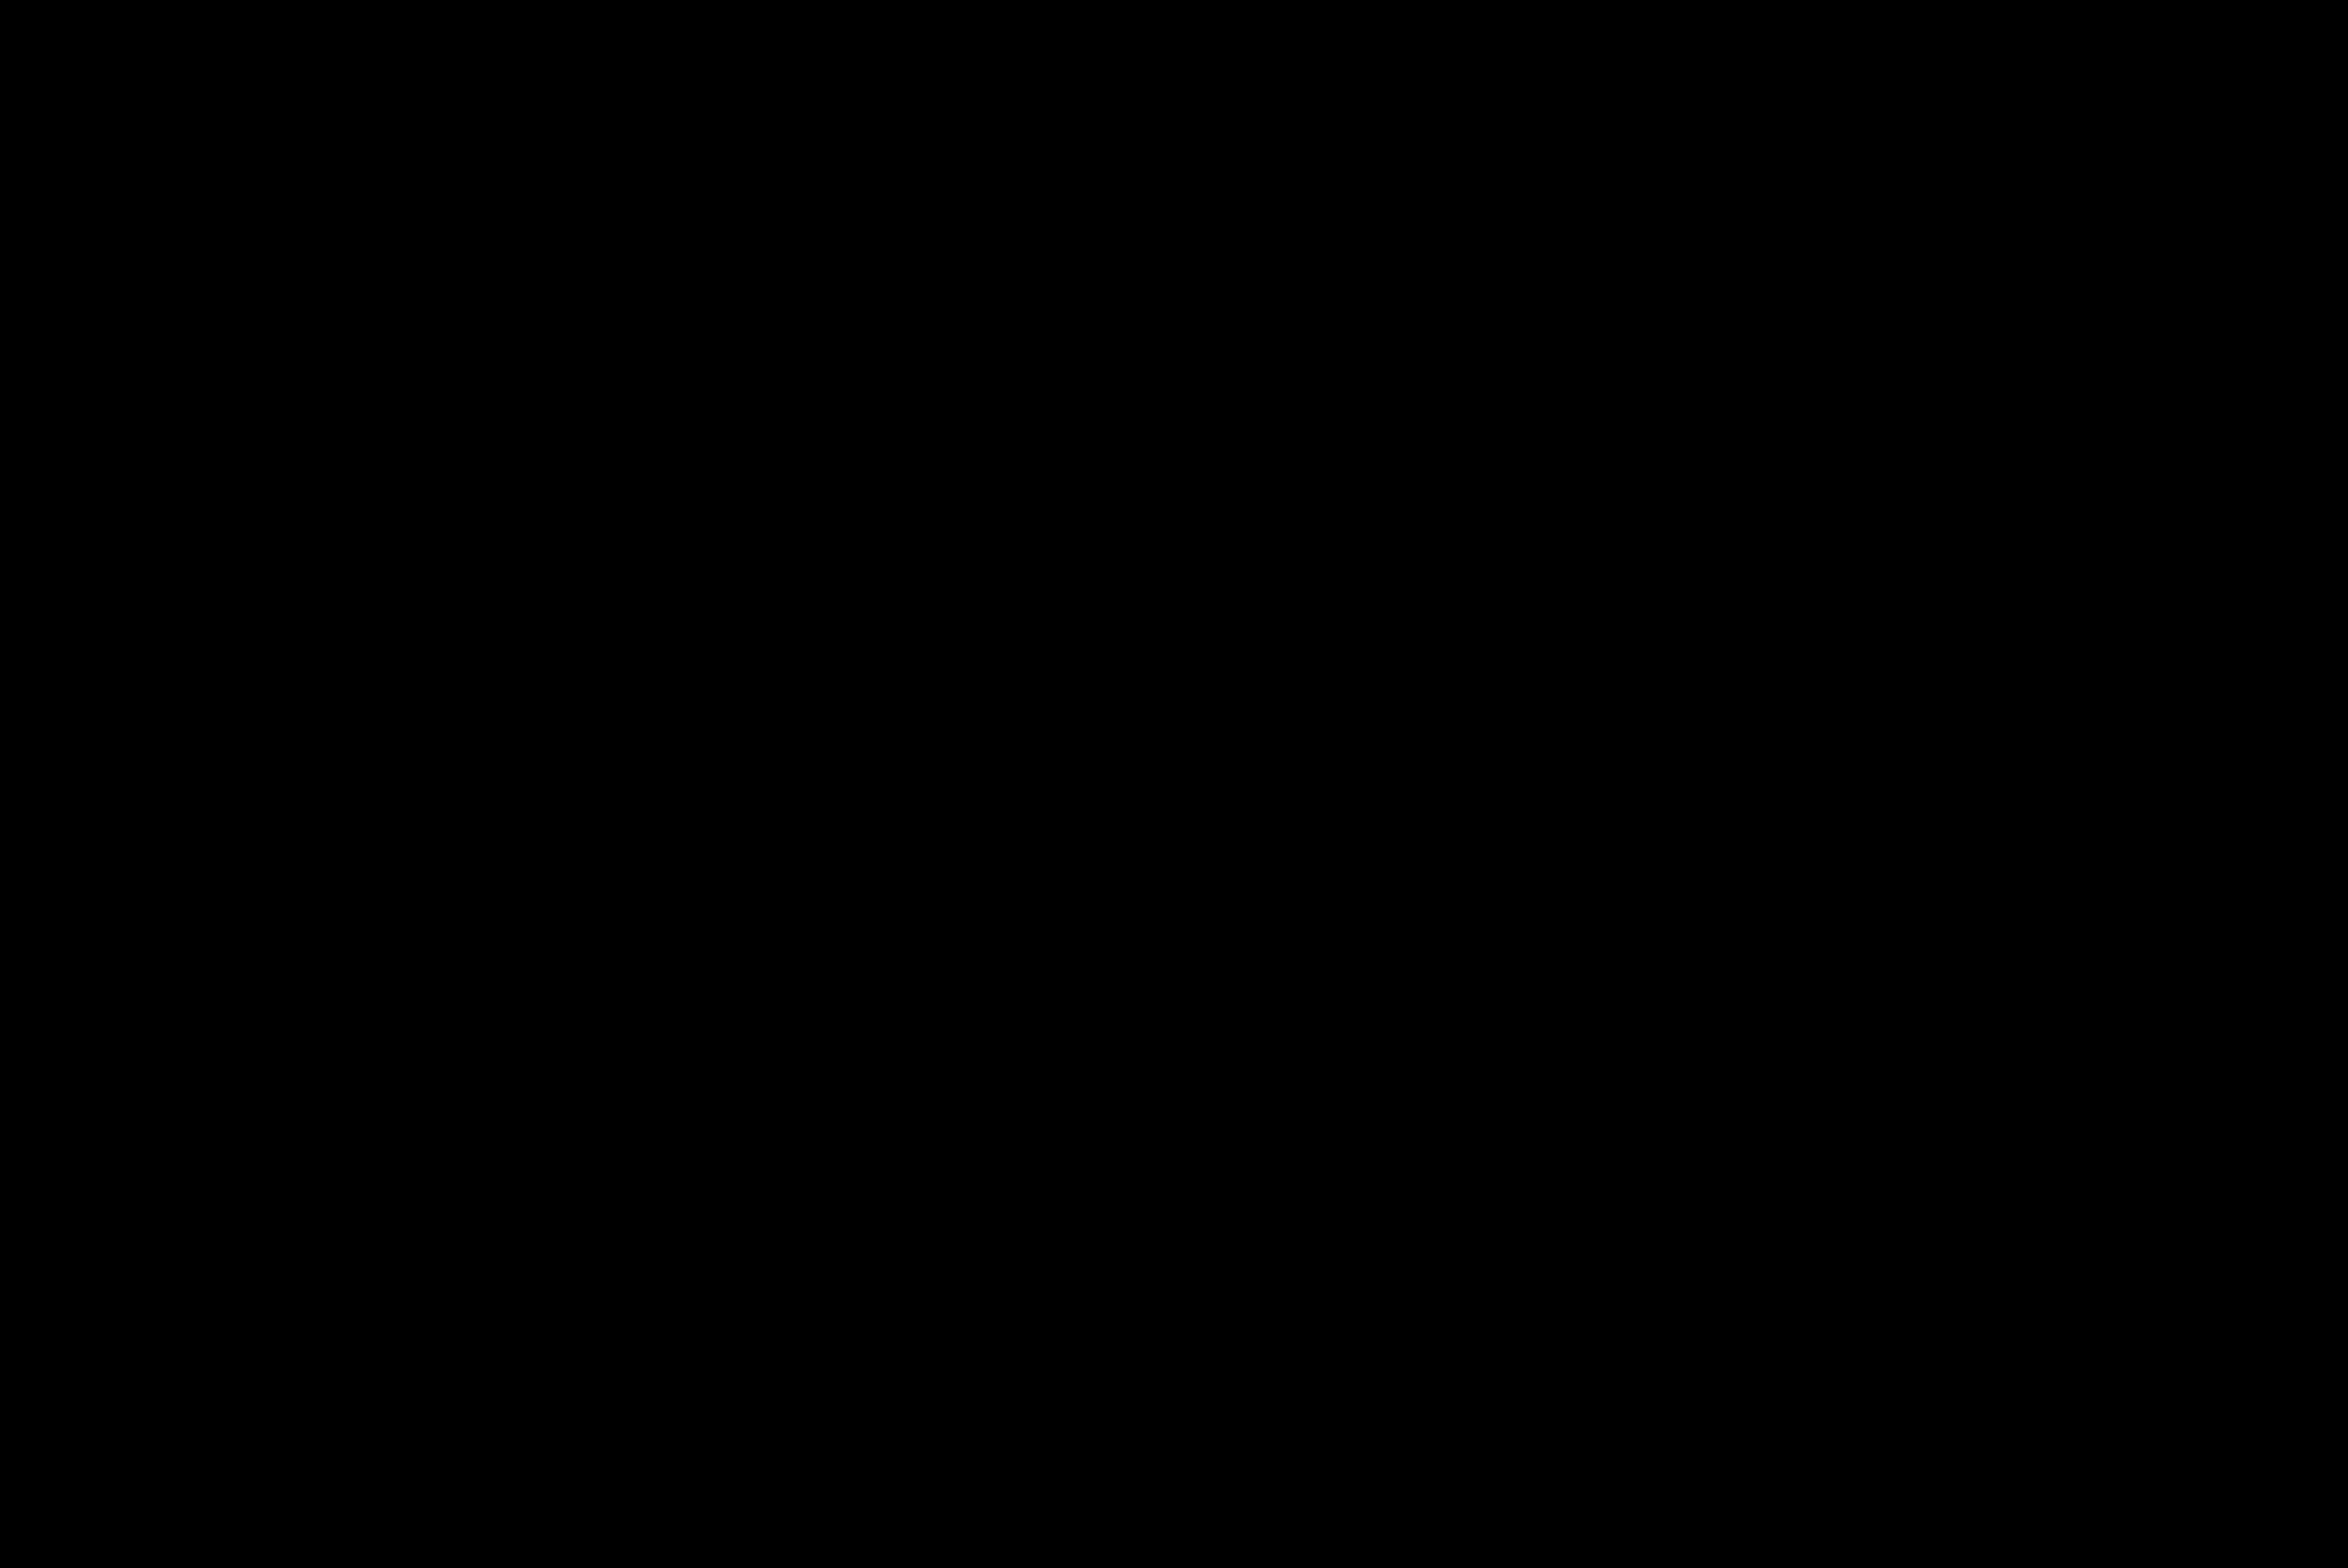 Der Fiat 500 wird zu 100% elektrisch. Ein mutiger Schritt, schliesslich ist der kleine Fiat das meistverkaufte Modell der Marke und quasi deren Rückgrat.